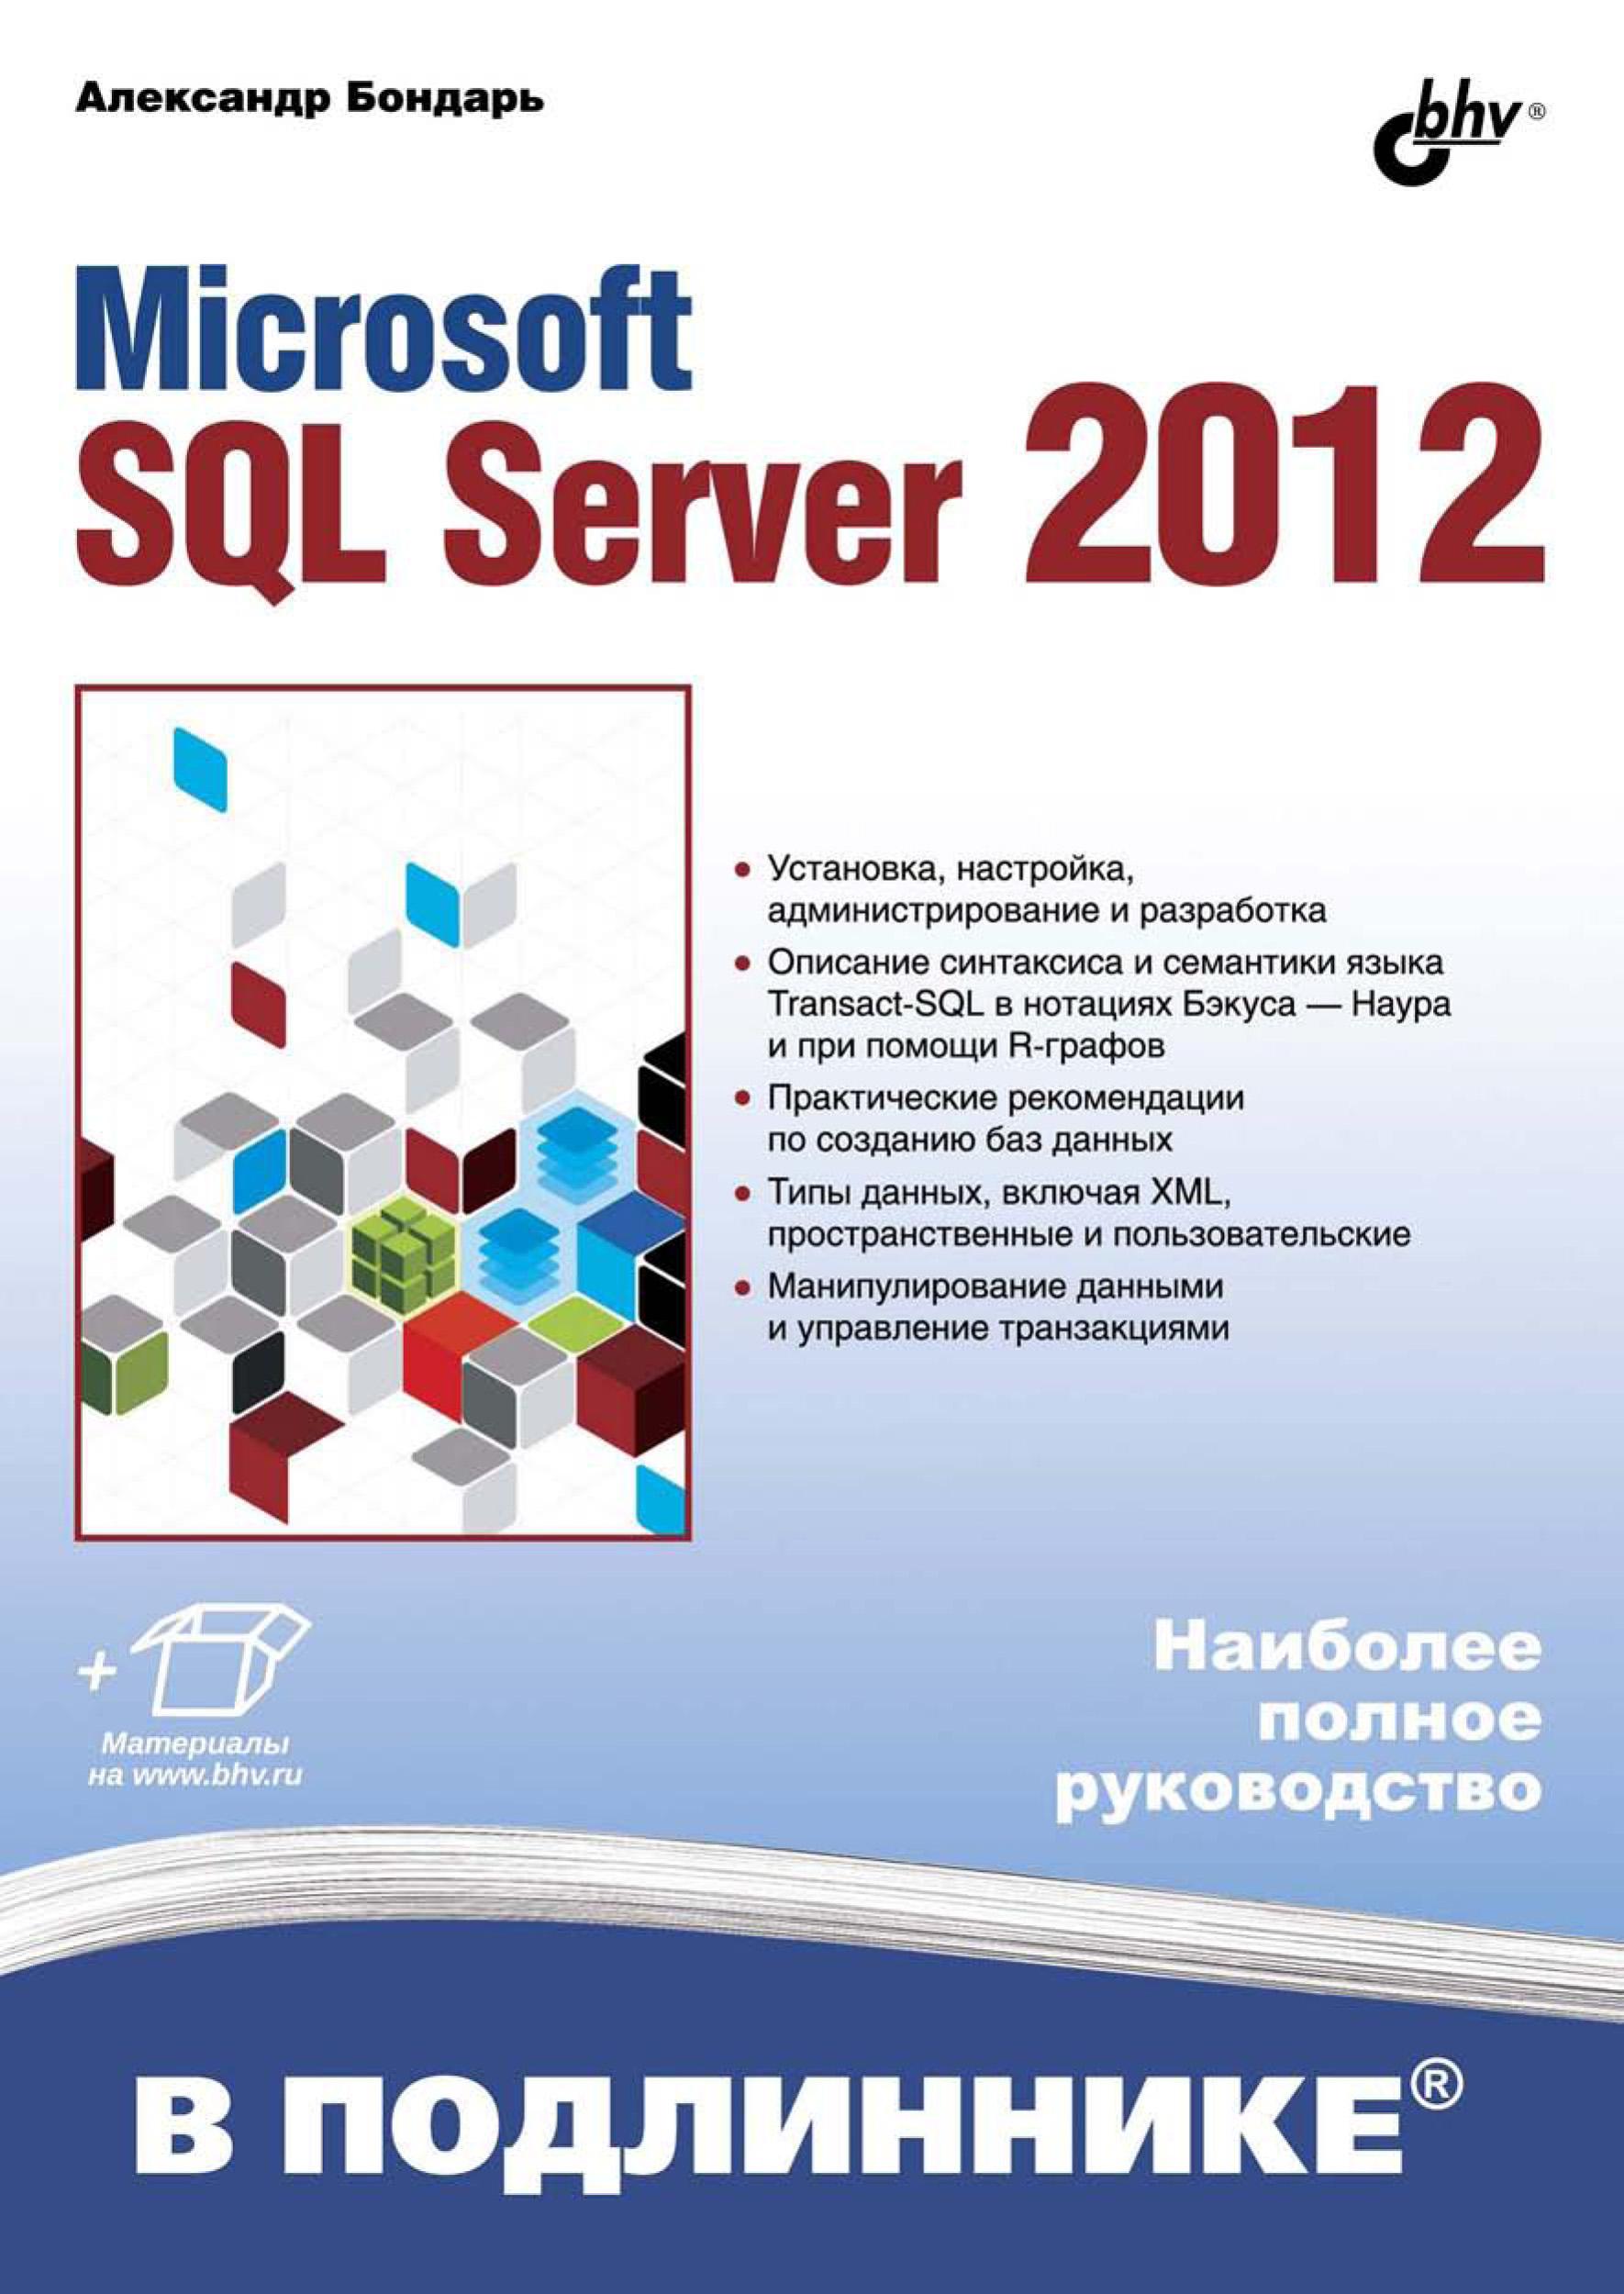 Александр Бондарь Microsoft SQL Server 2012 коллектив авторов базы данных манипулирование данными на языке sql в субд ms access 2007